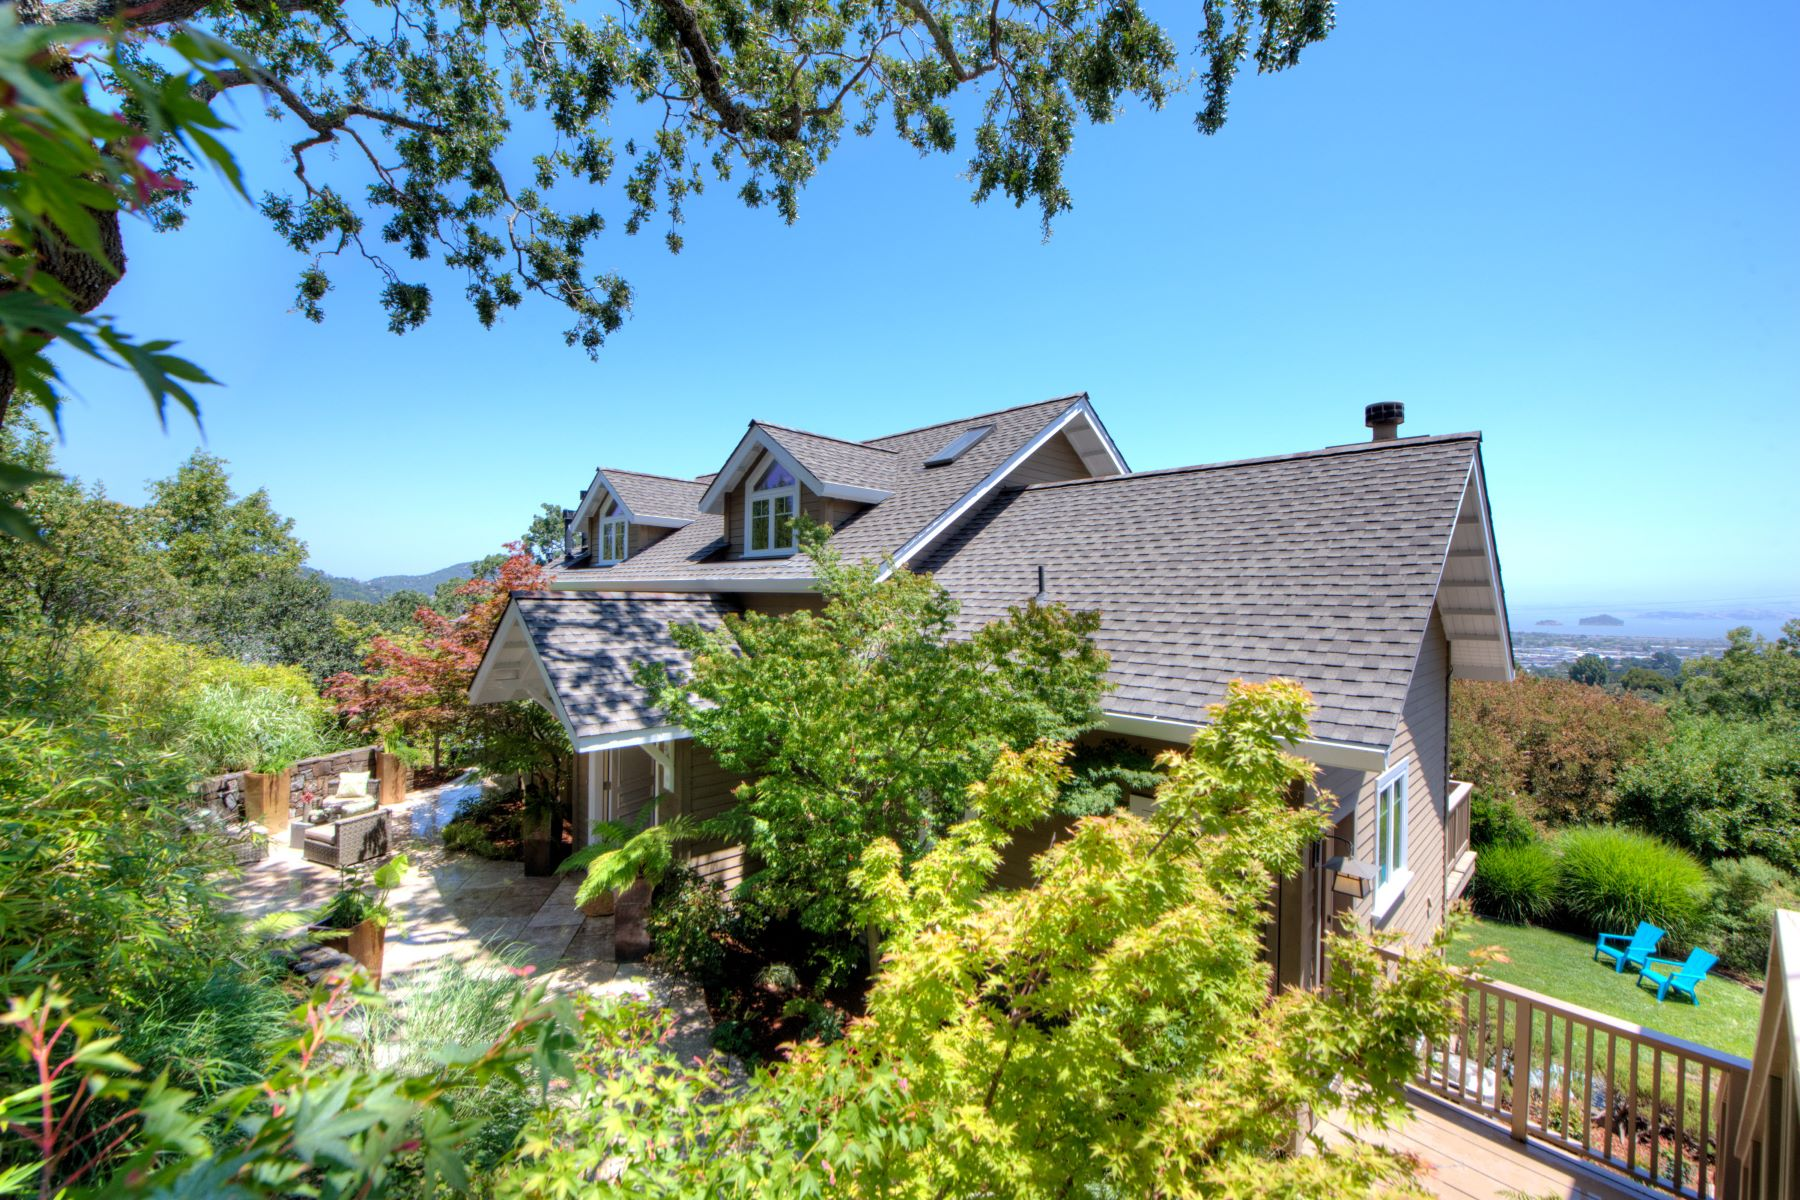 단독 가정 주택 용 매매 에 Contemporary Ridge-Top Living with Spectacular Bay Views 78 Southern Heights San Rafael, 캘리포니아, 94901 미국